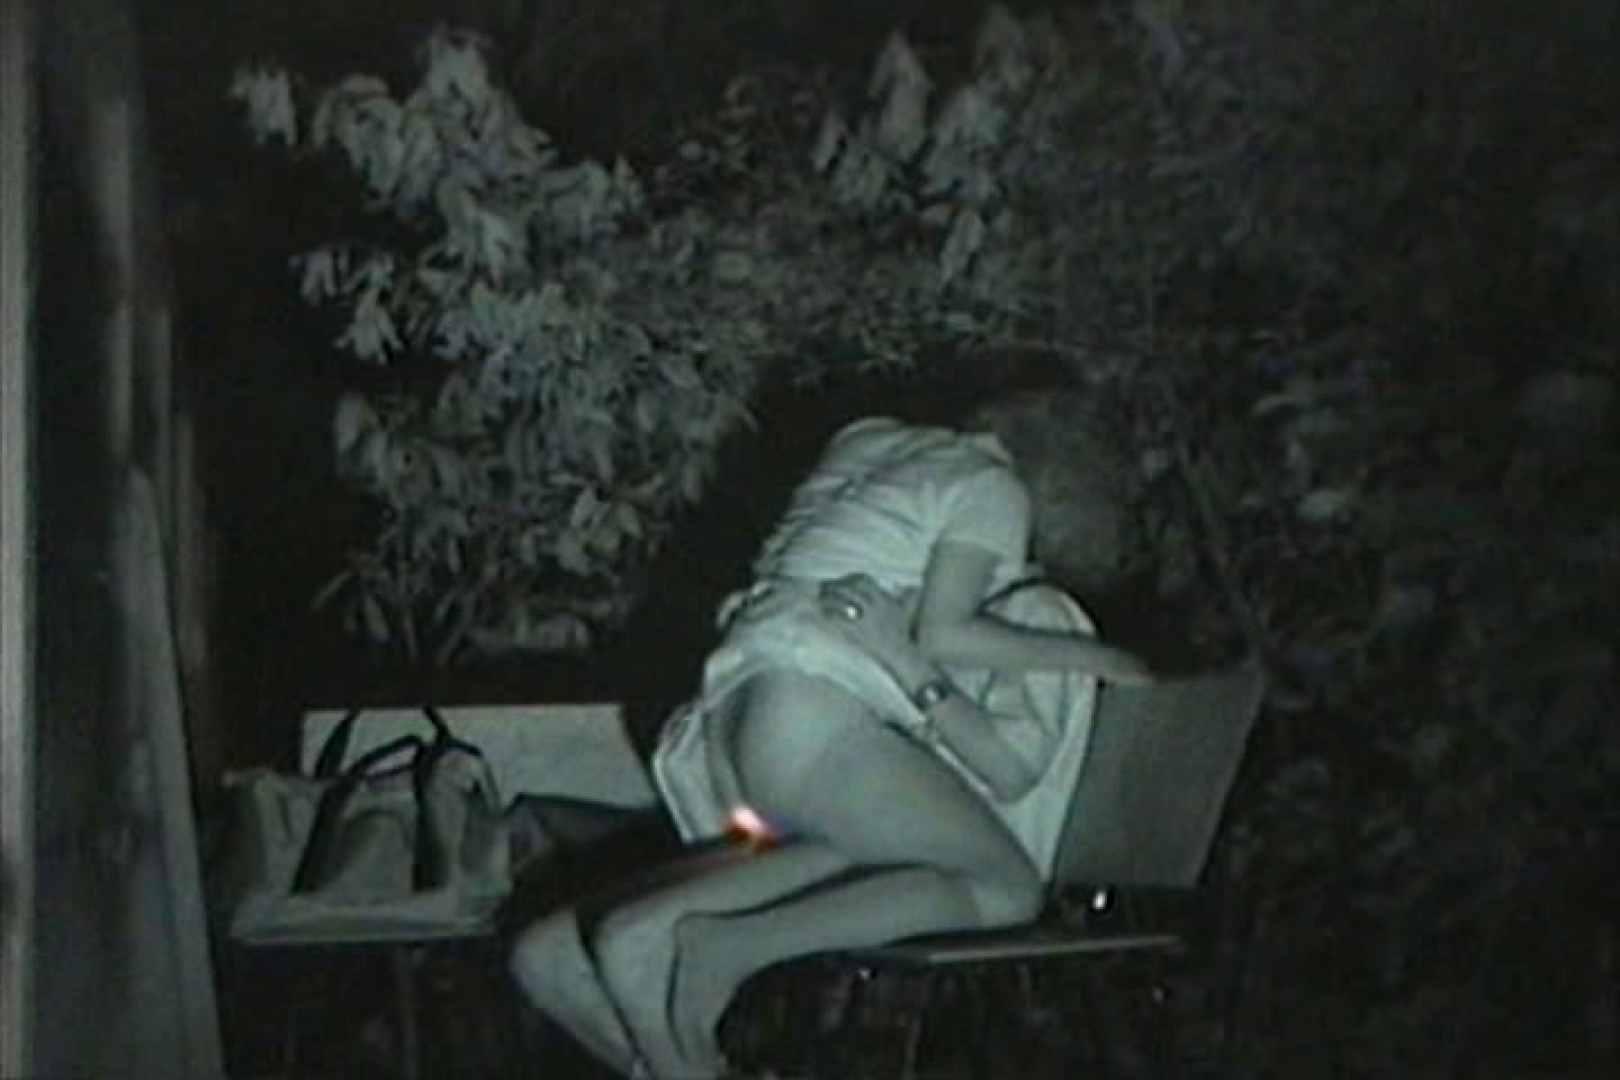 闇の仕掛け人 無修正版 Vol.24 カップル オメコ動画キャプチャ 101pic 67